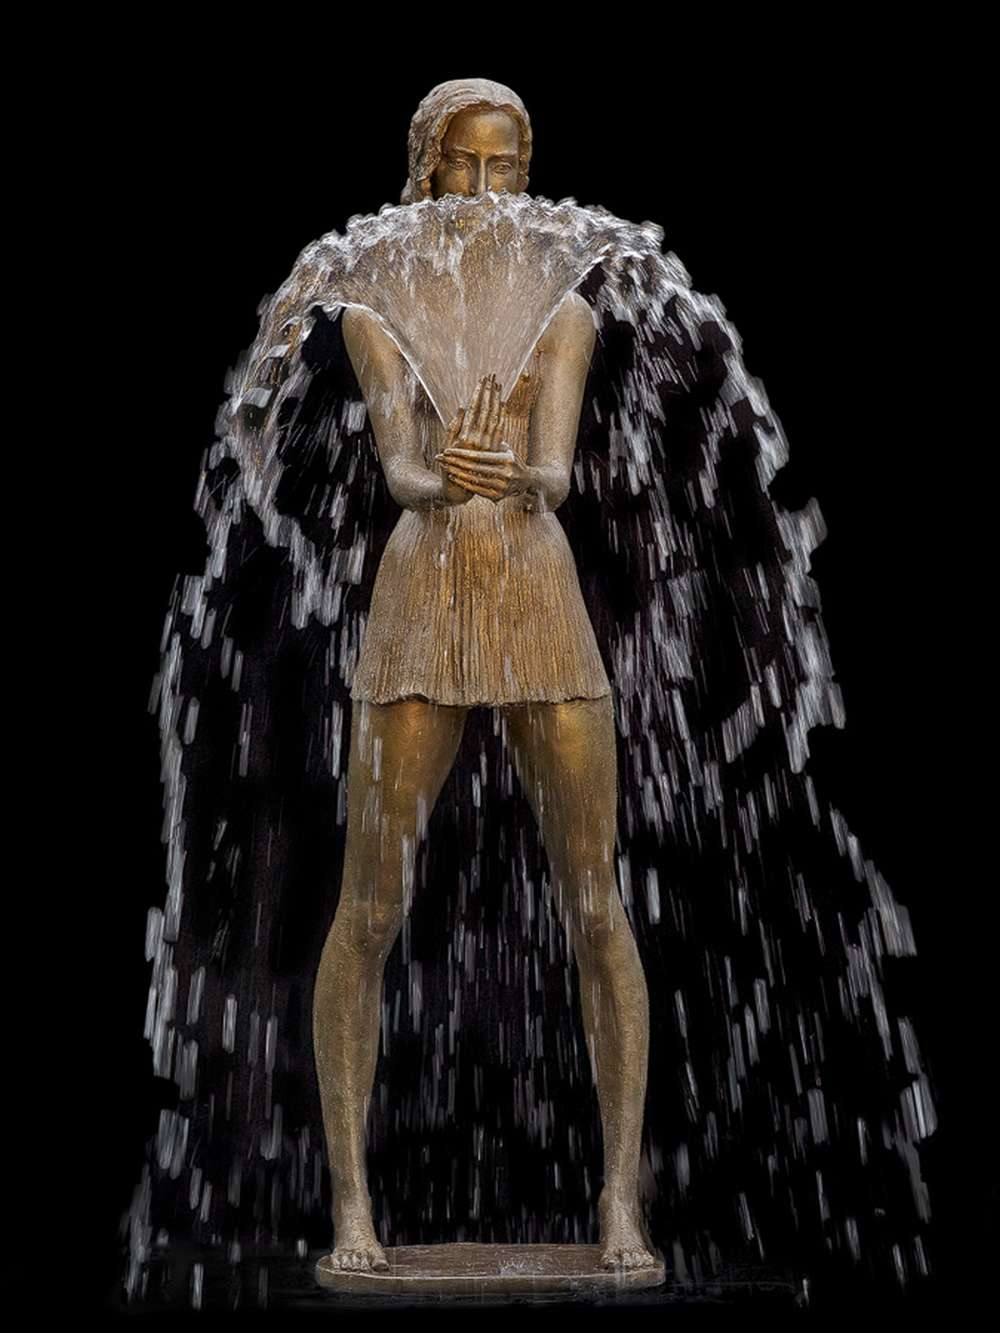 Frau mit Faecher, Brunnen, Springbrunnen, Skulptur, Plastik aus Bronze von Malgorzata Chodakowska